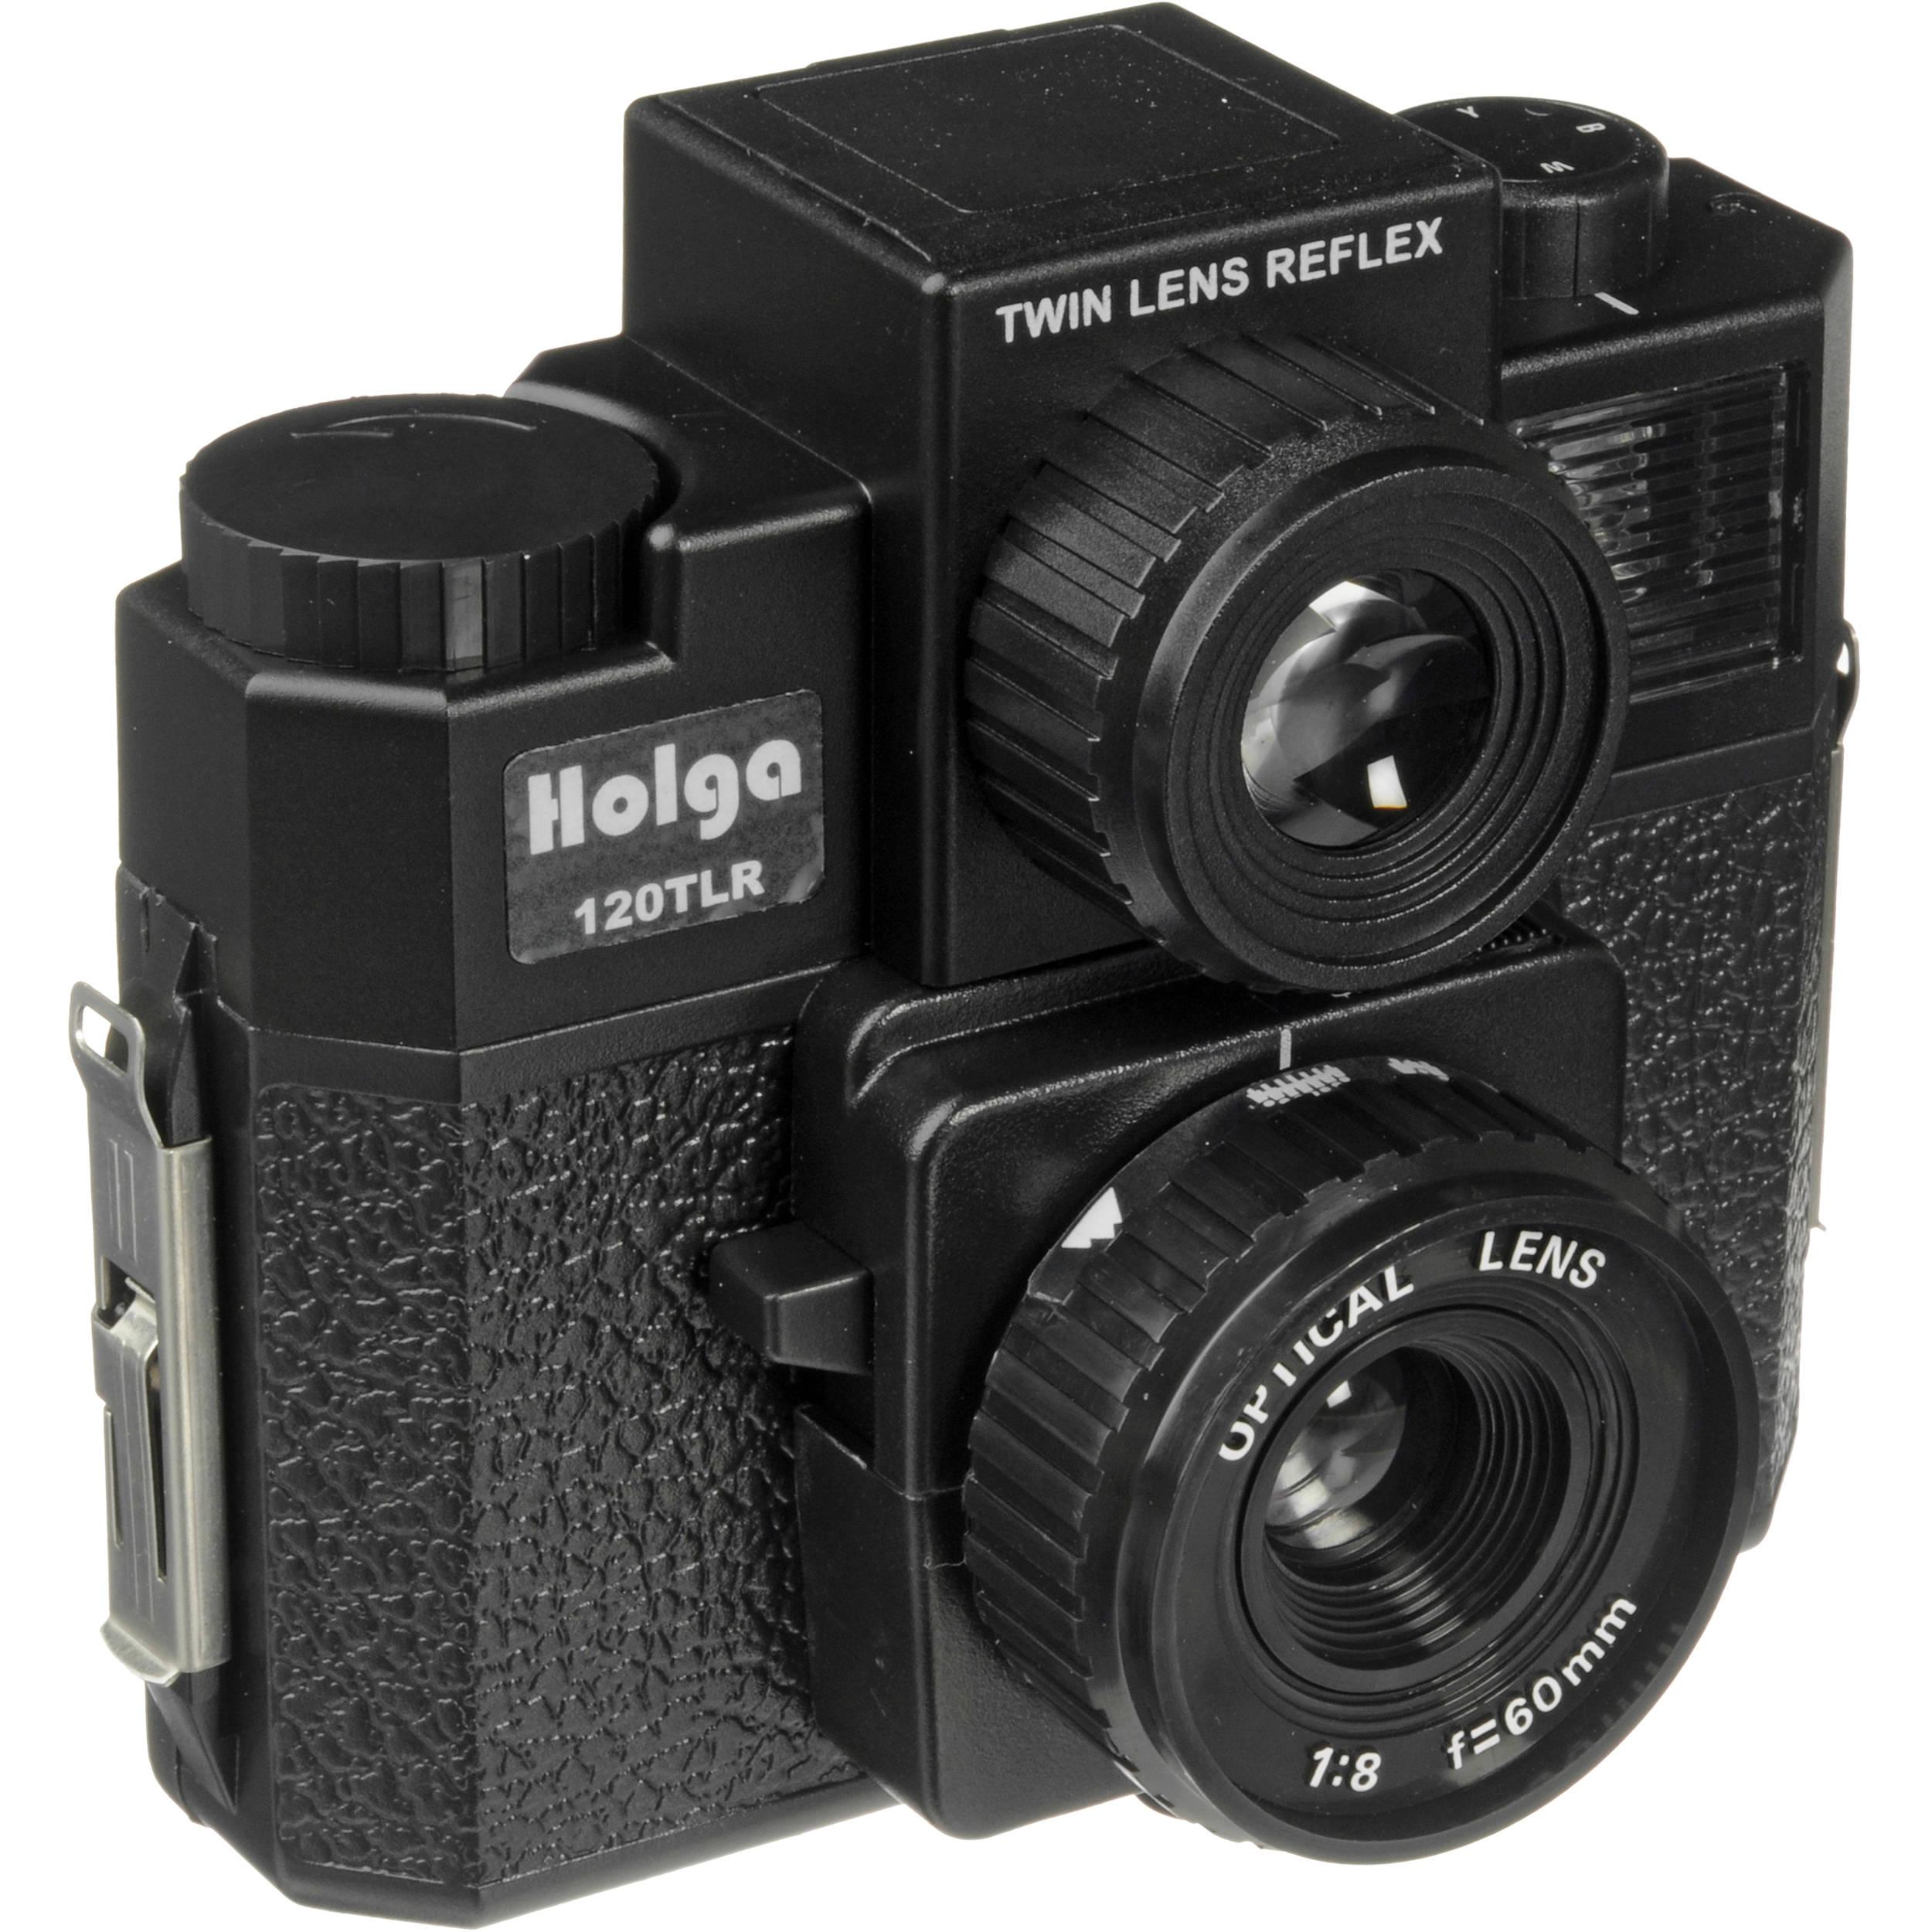 Holga 120 TLR Medium Format Plastic Camera (Black) 240120 B&H